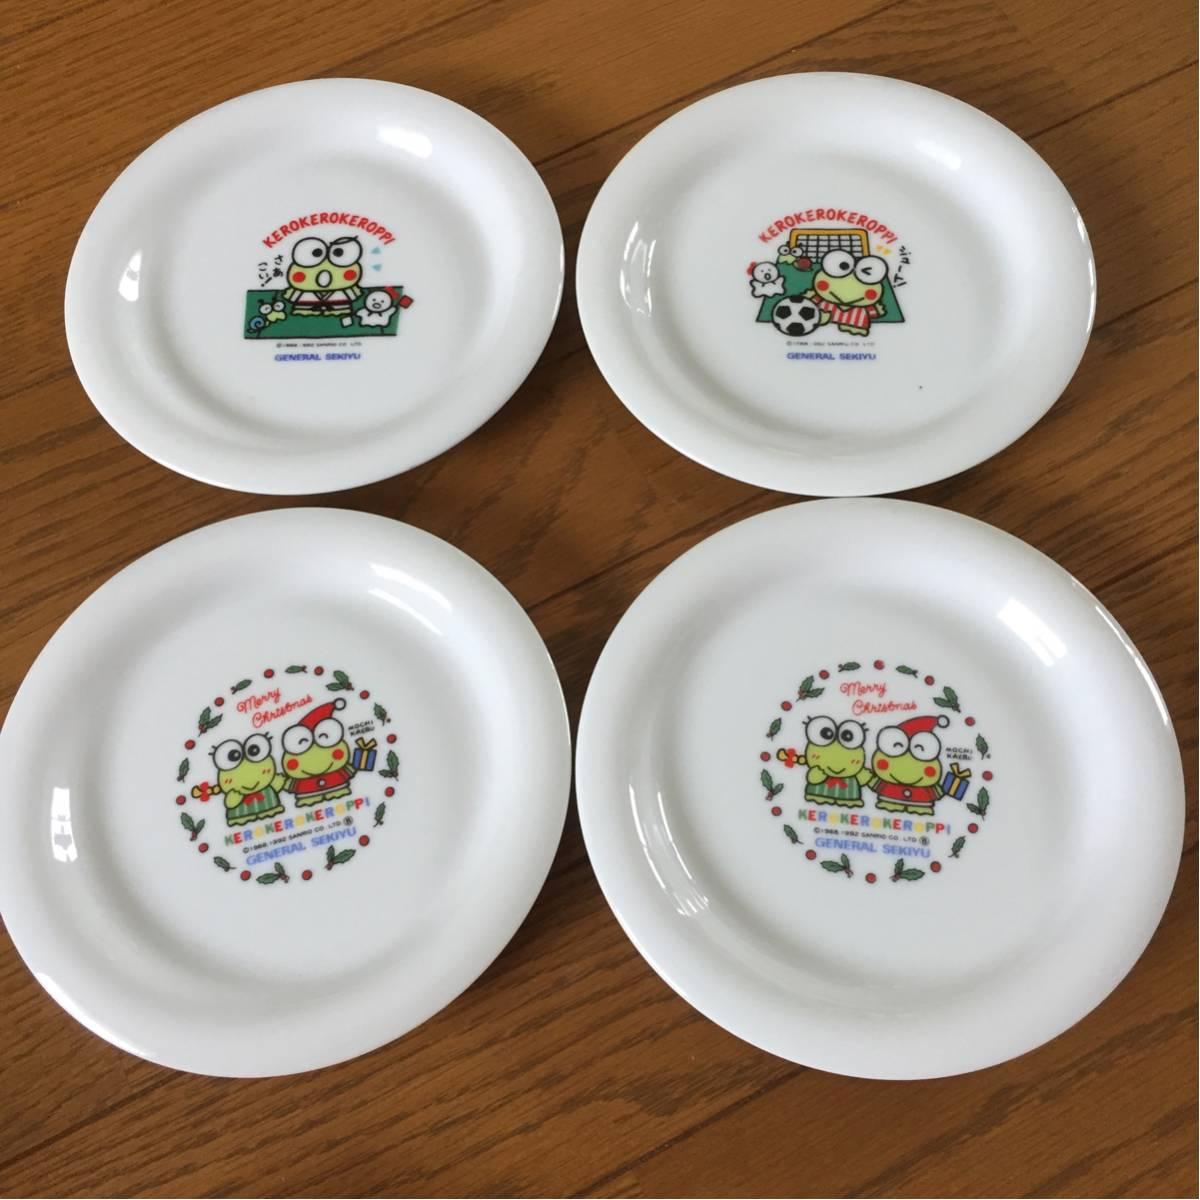 激レア非売品 Sanrio1992年製☆けろけろけろっぴ☆プレート皿(16.5㎝)4枚セット グッズの画像